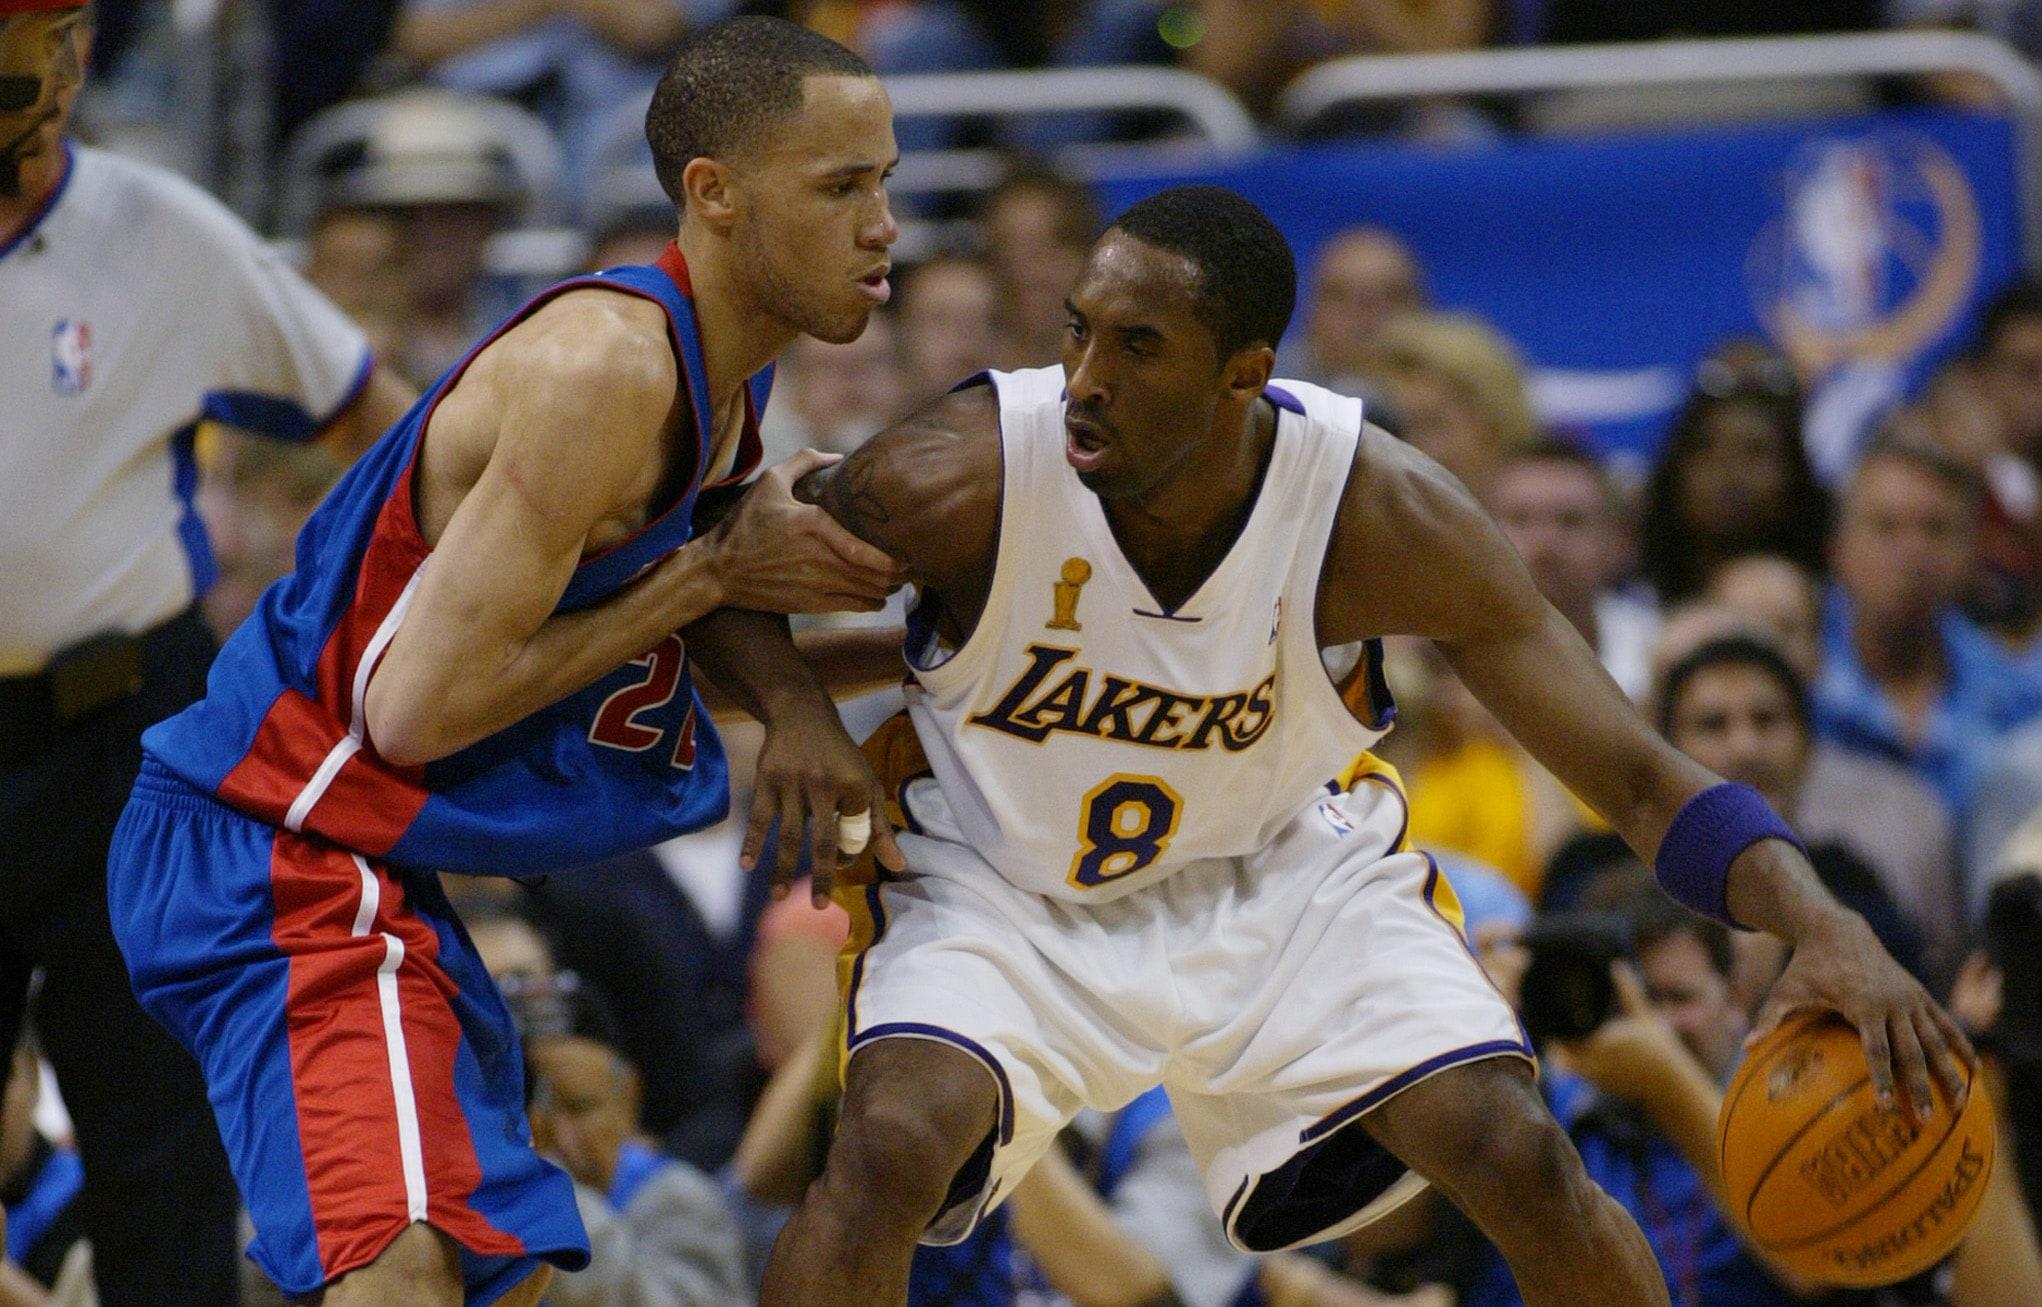 «Детройт Пистонс» оказались лучше «Лейкерс» в 2004 году. Доказательство – их победа в первом матче